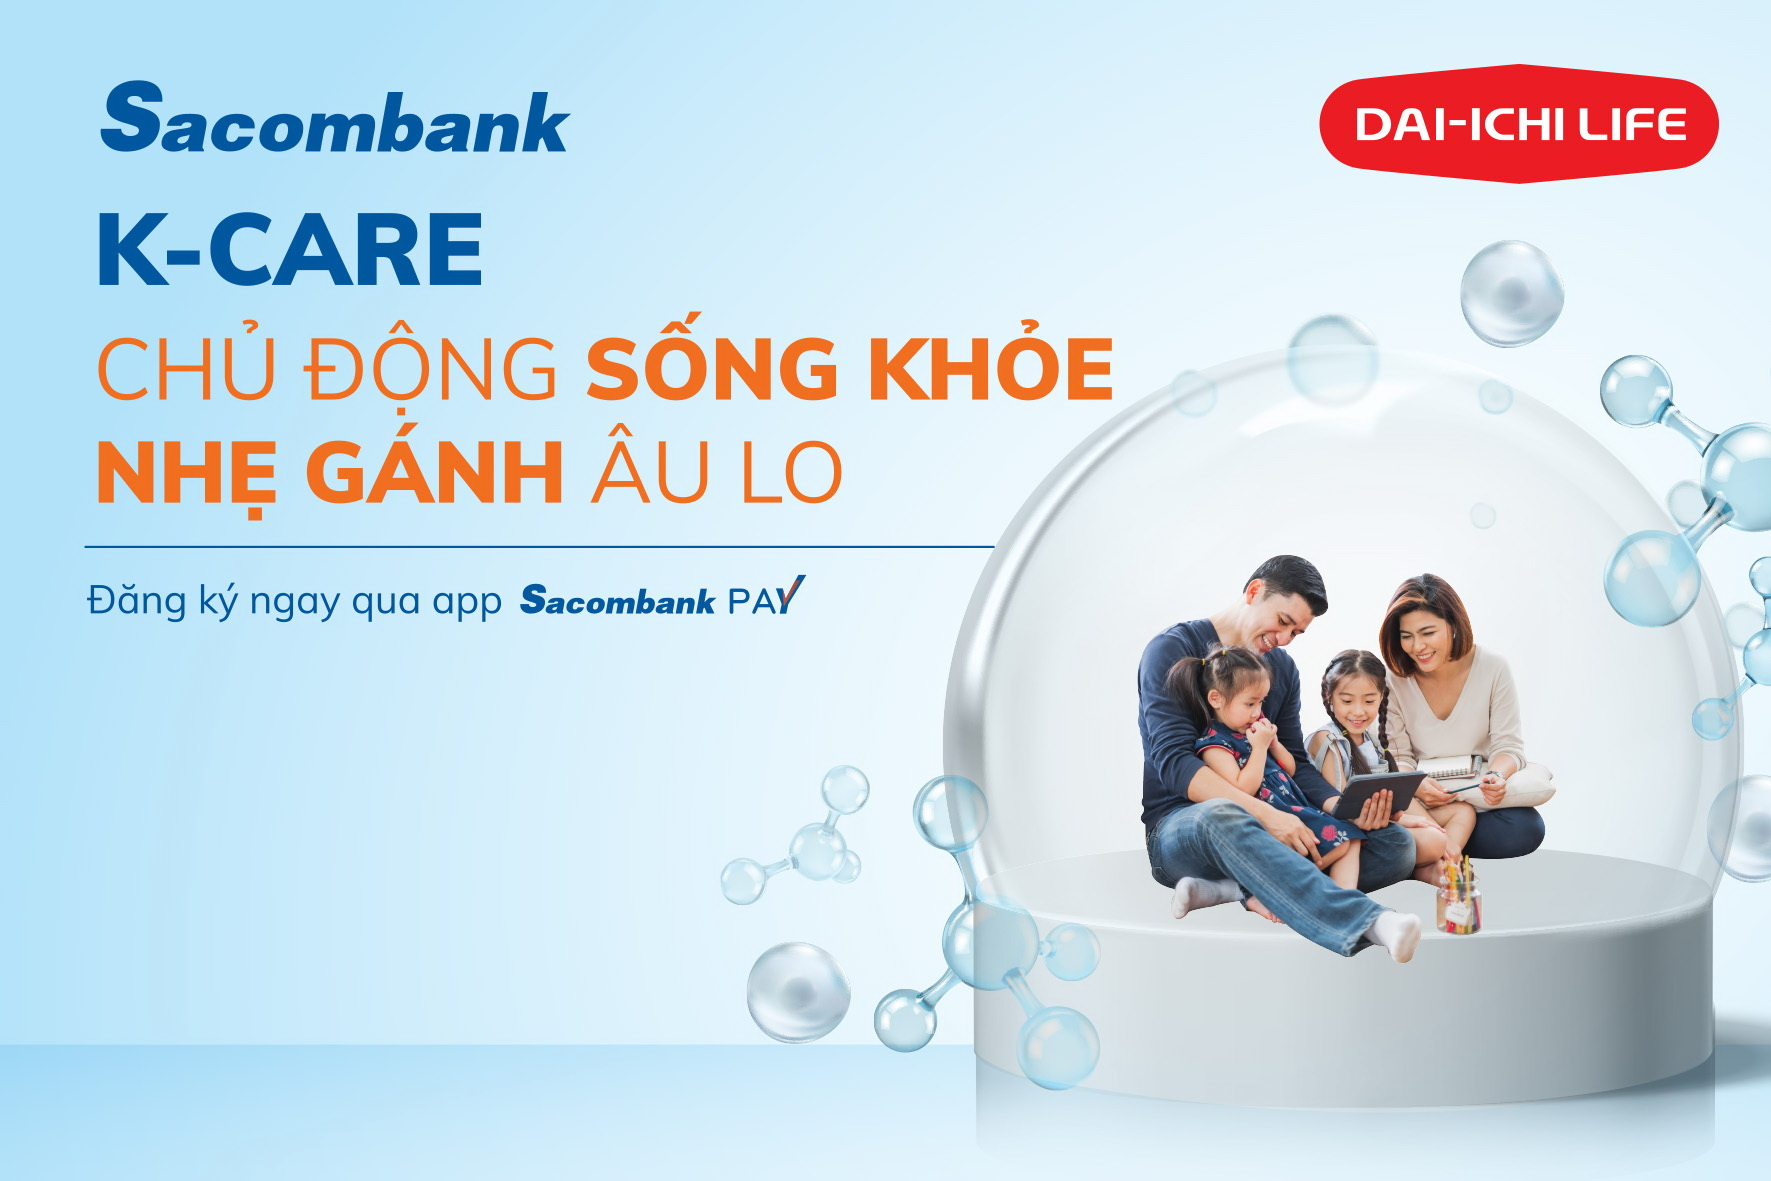 Kỷ niệm 4 năm hợp tác, Sacombank và Dai-ichi Life Việt Nam ra mắt 2 sản phẩm mới hiện đại - Ảnh 3.